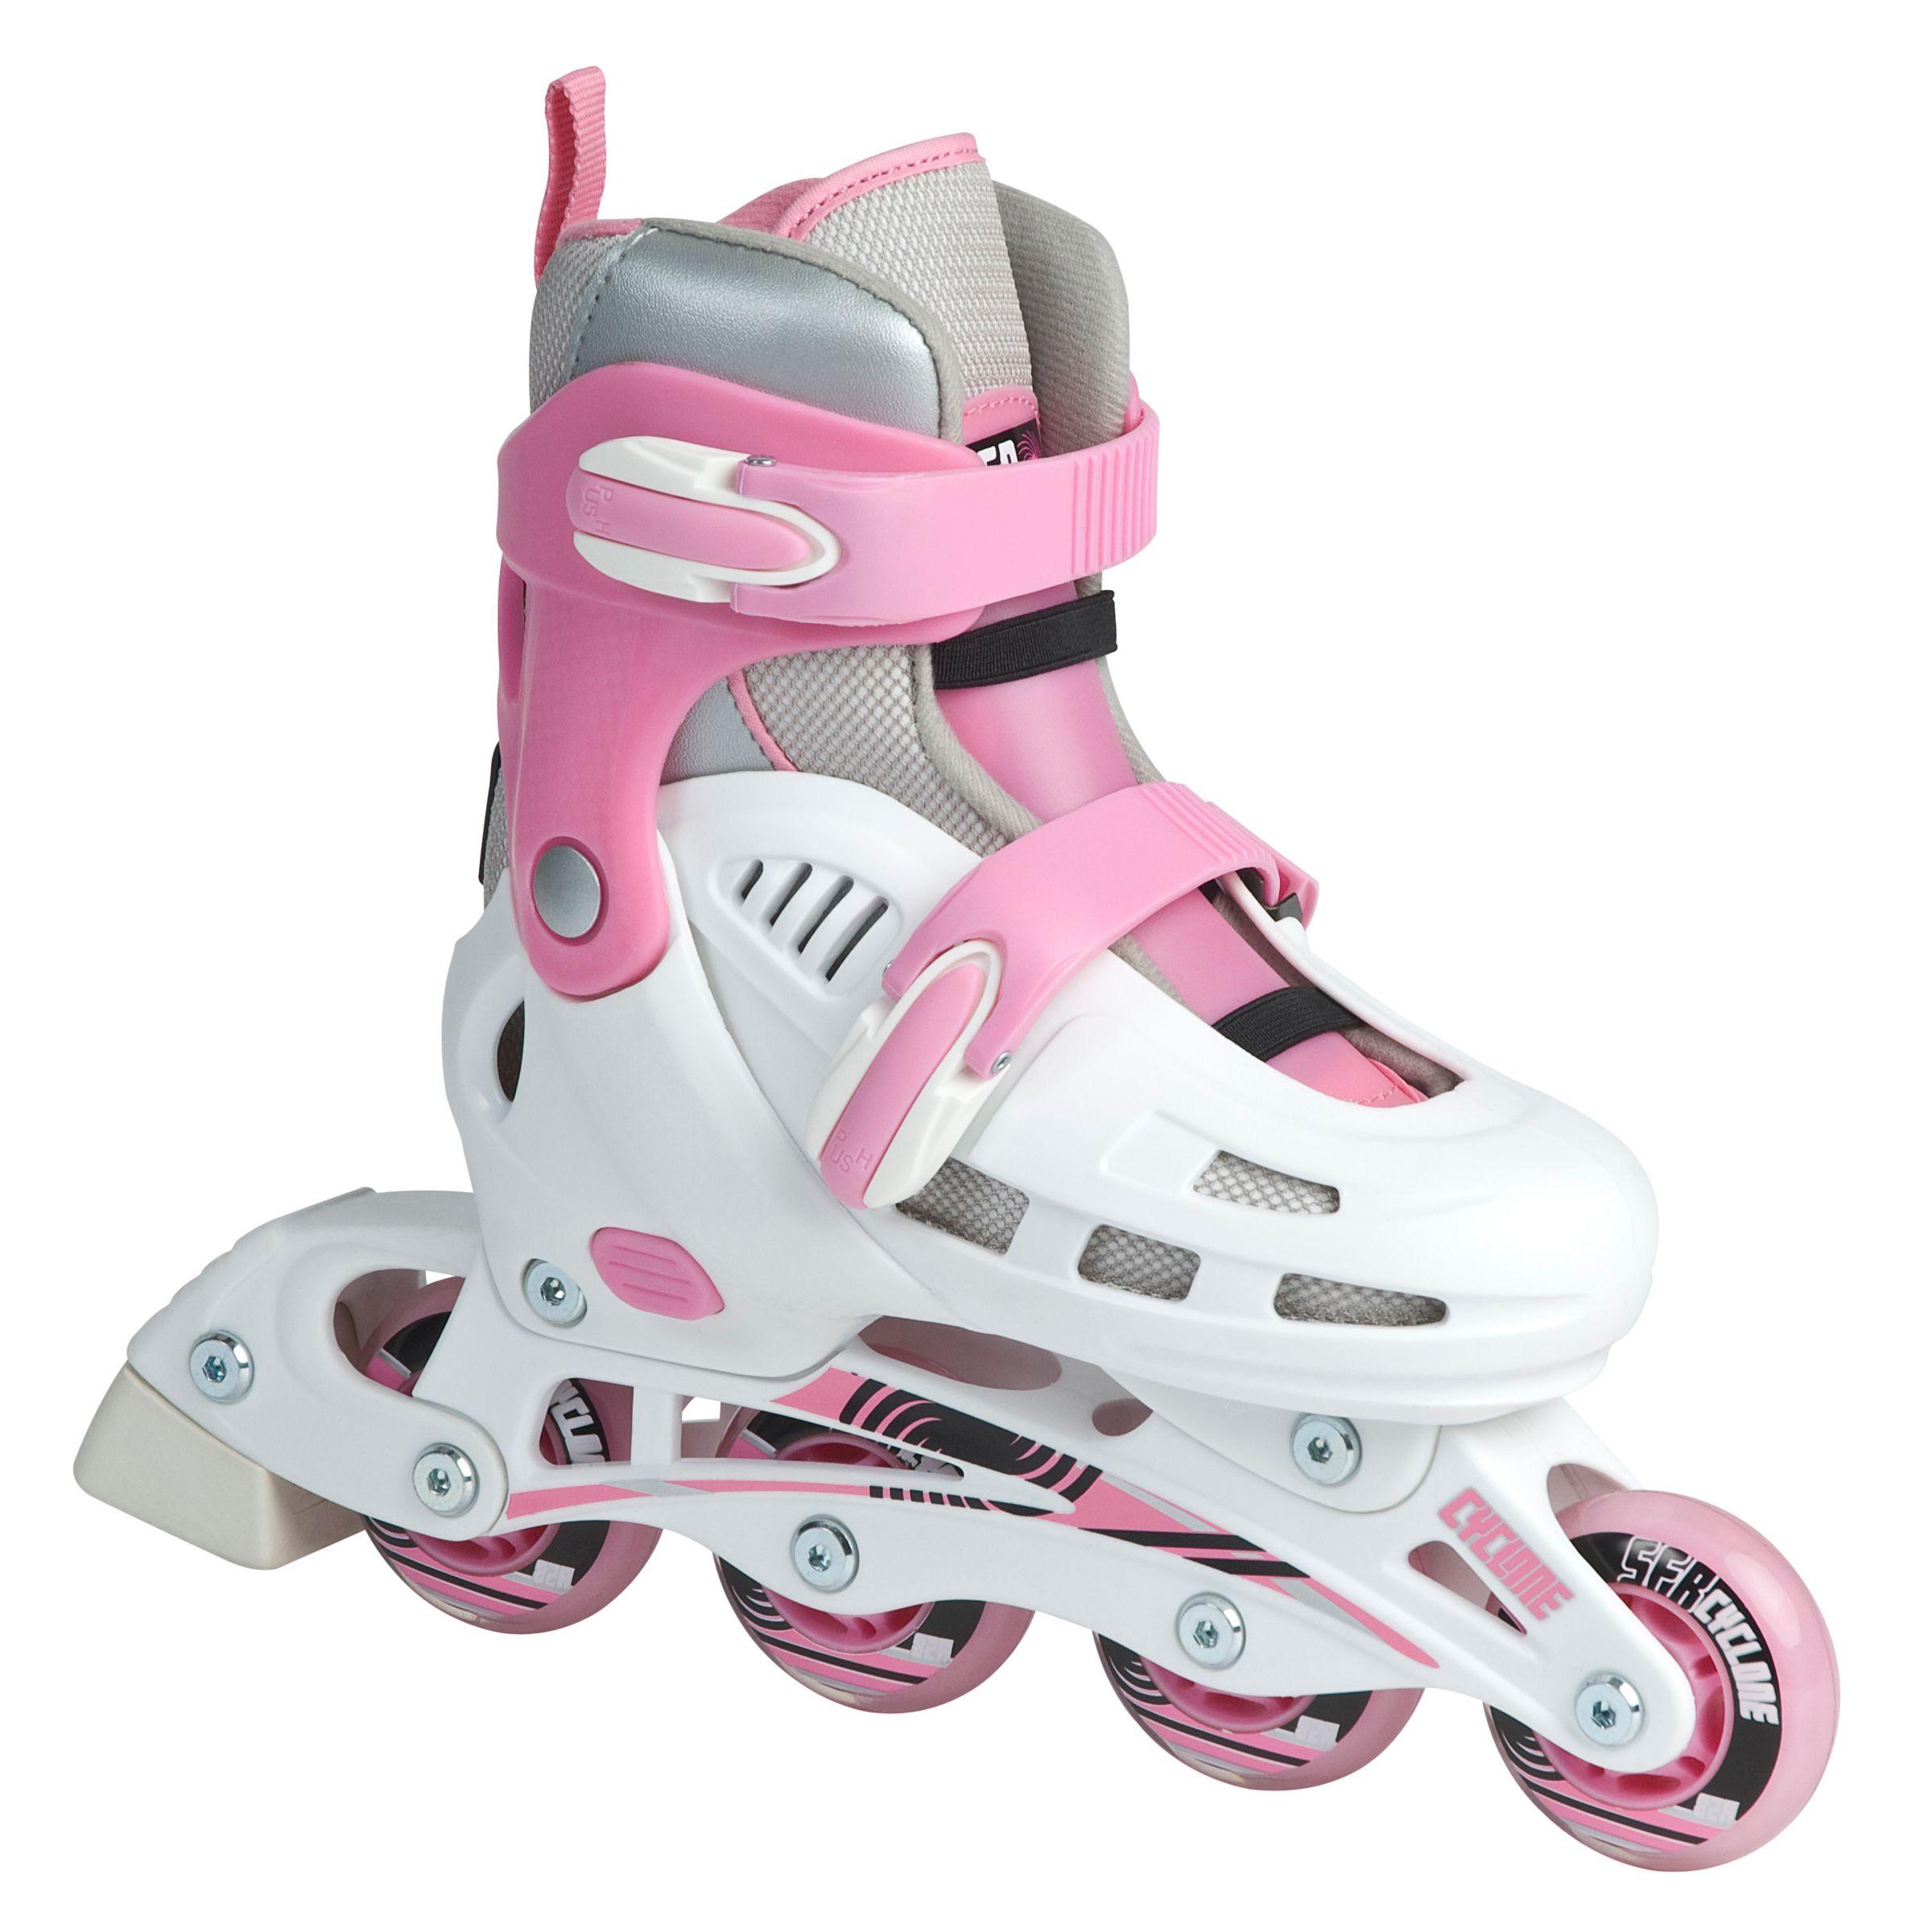 Stateside Cyclone Inline Adjustable Skates, Pink/White